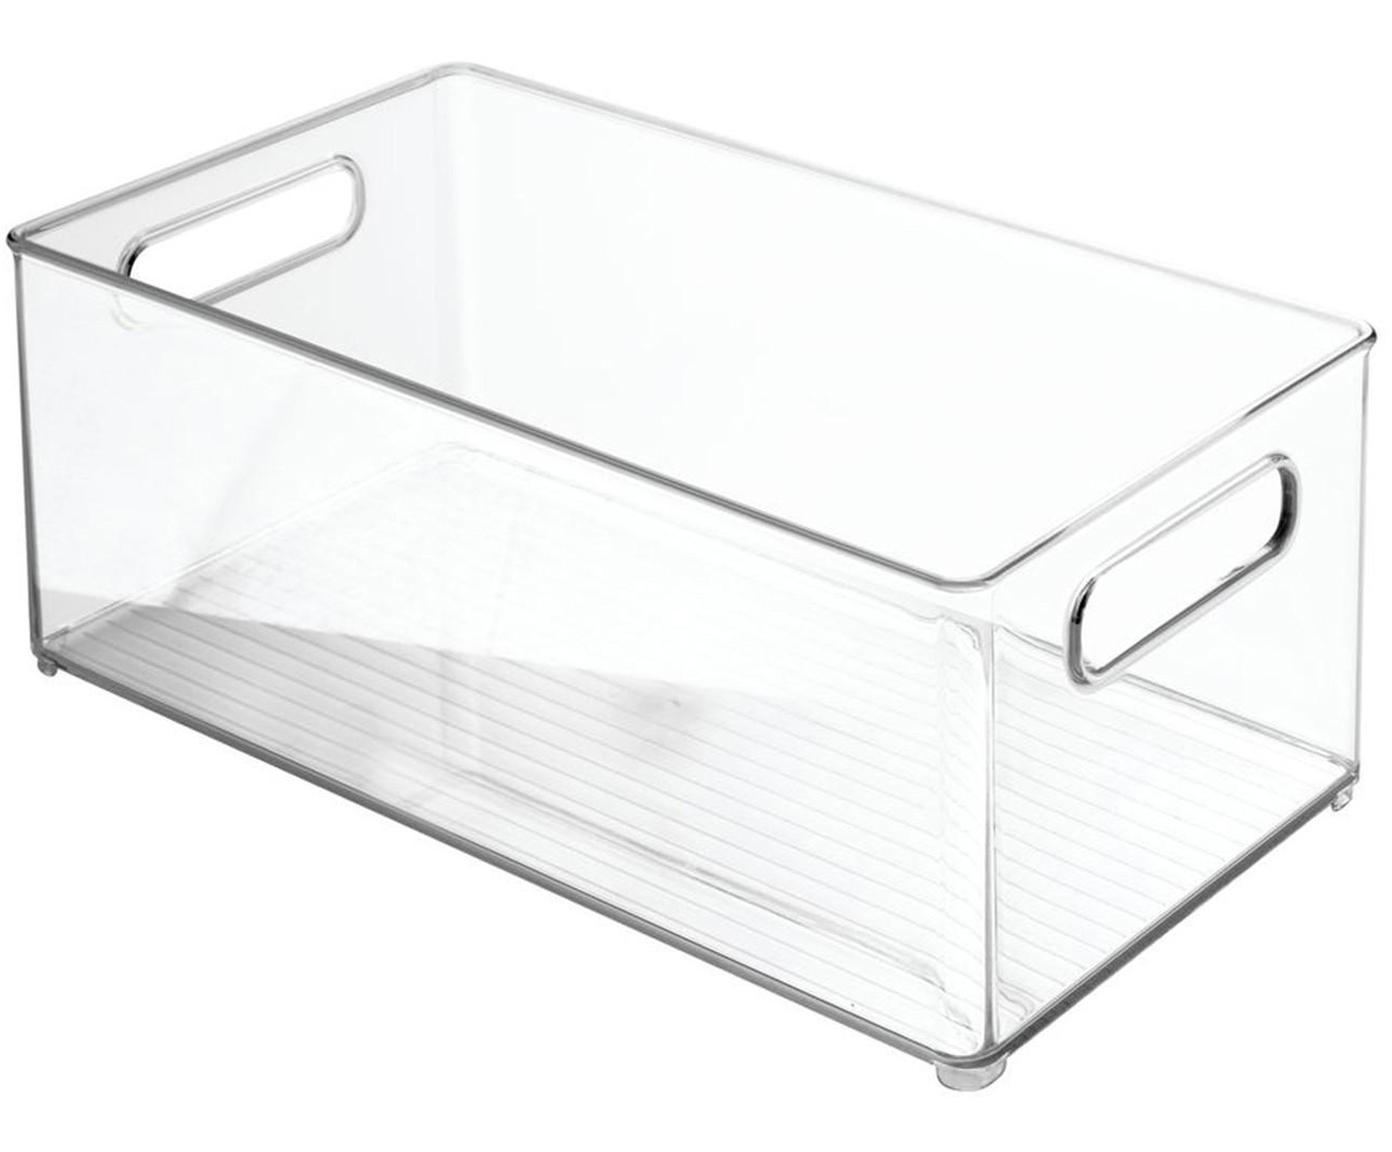 Organizador de cocina Binz, Plástico, Transparente, An 20 x F 37 cm